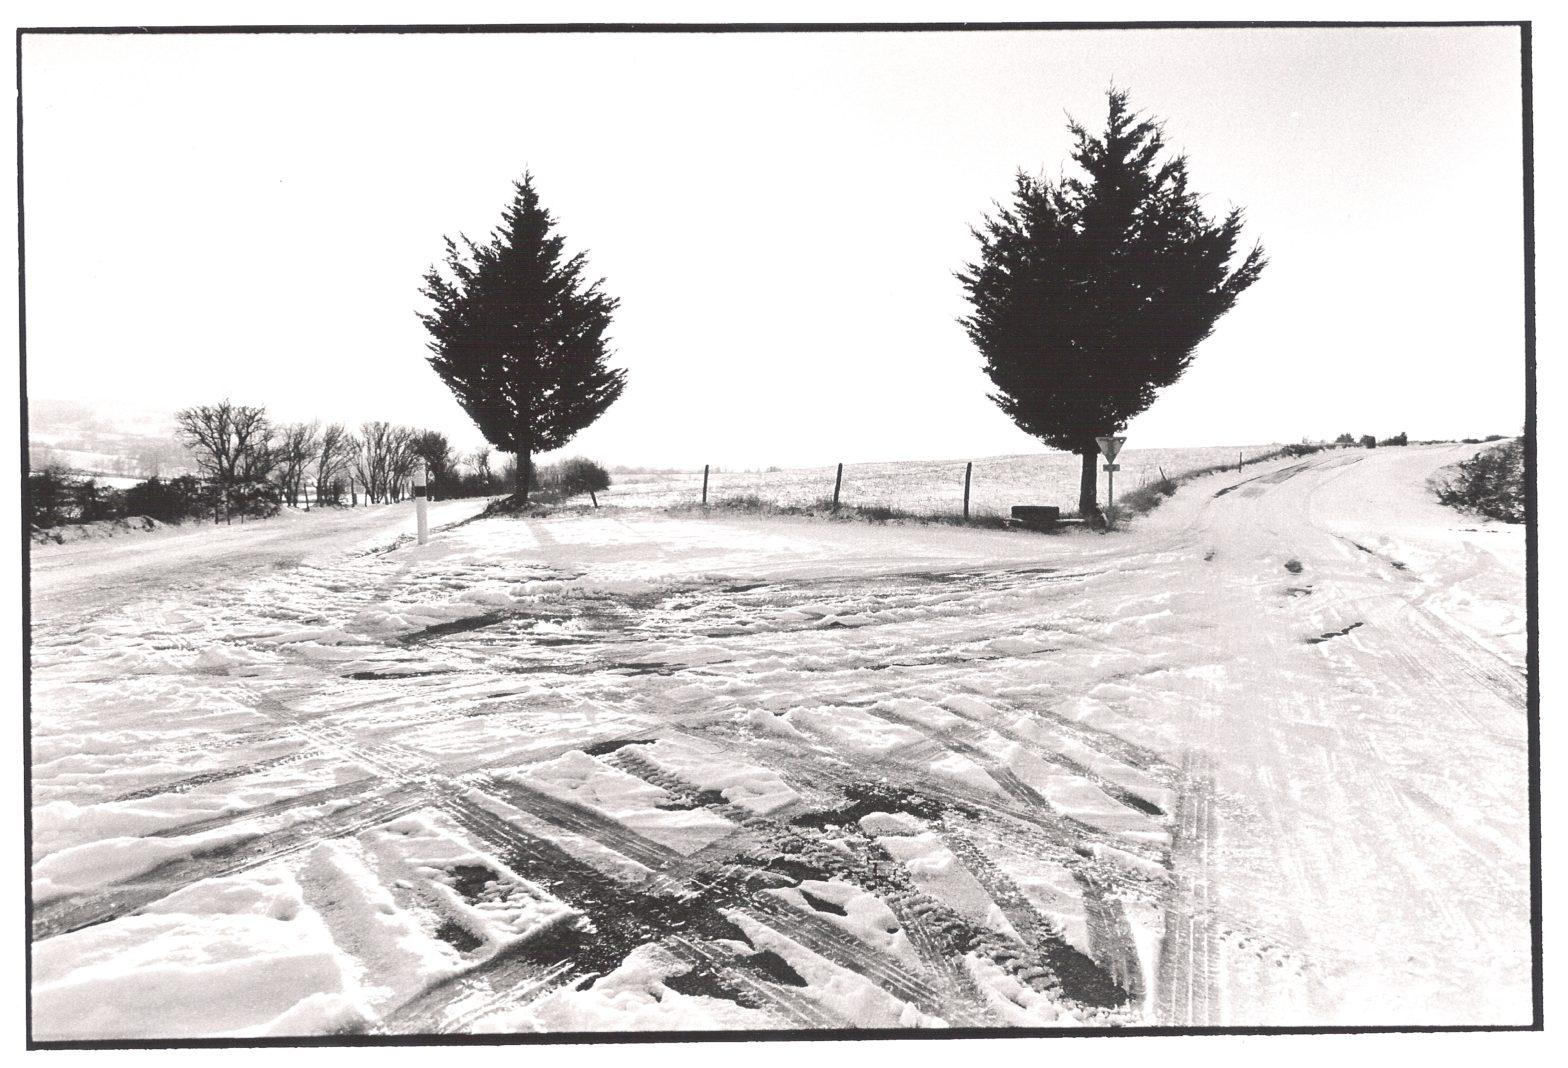 Haut de la côte de Goutrens, hiver 2011, aveyron, prise de vue argentique, JP Devals